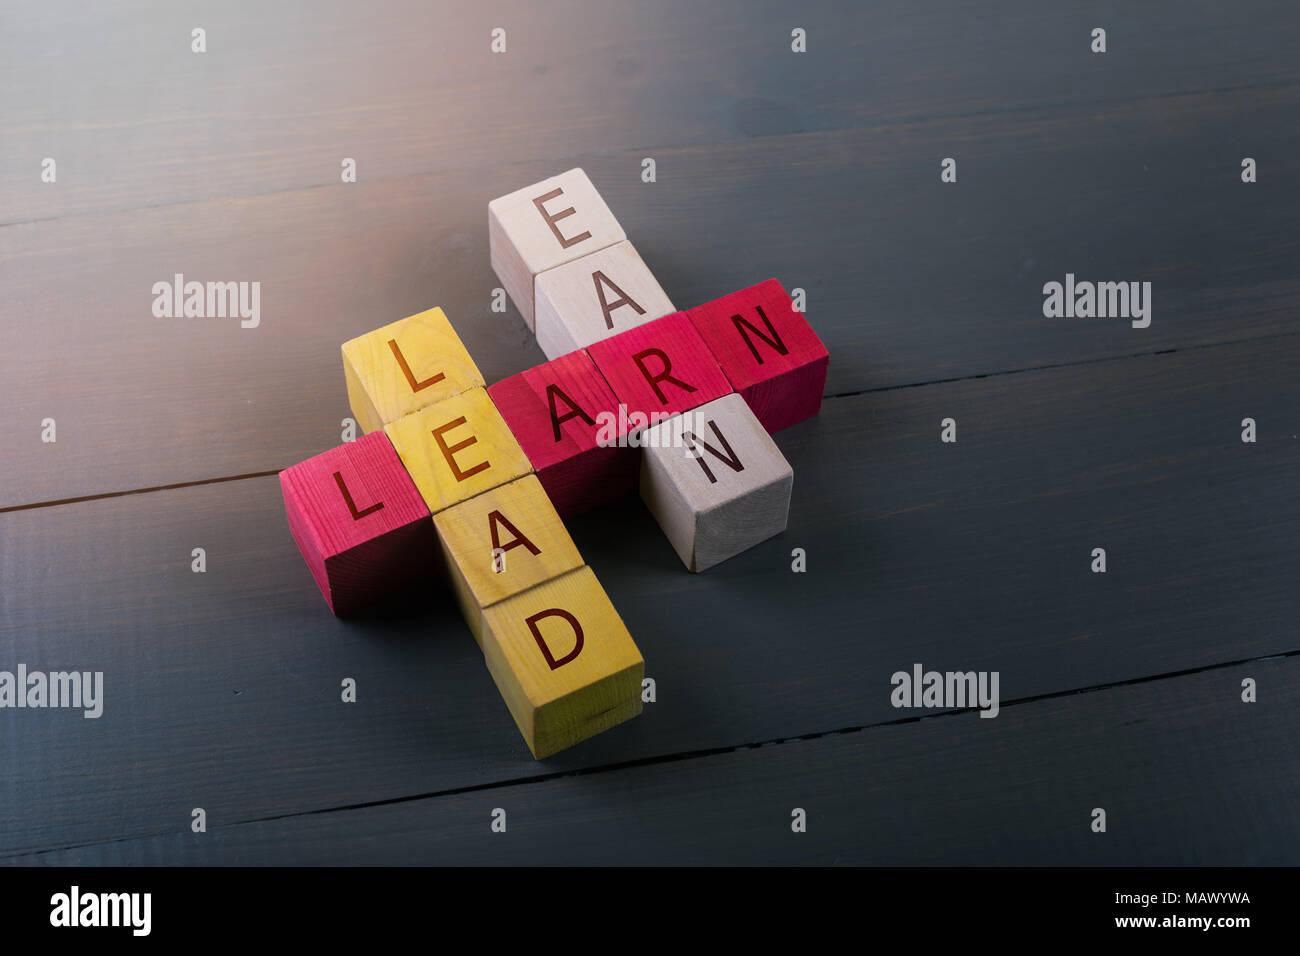 Concetto di istruzione leadership e il successo del business Immagini Stock